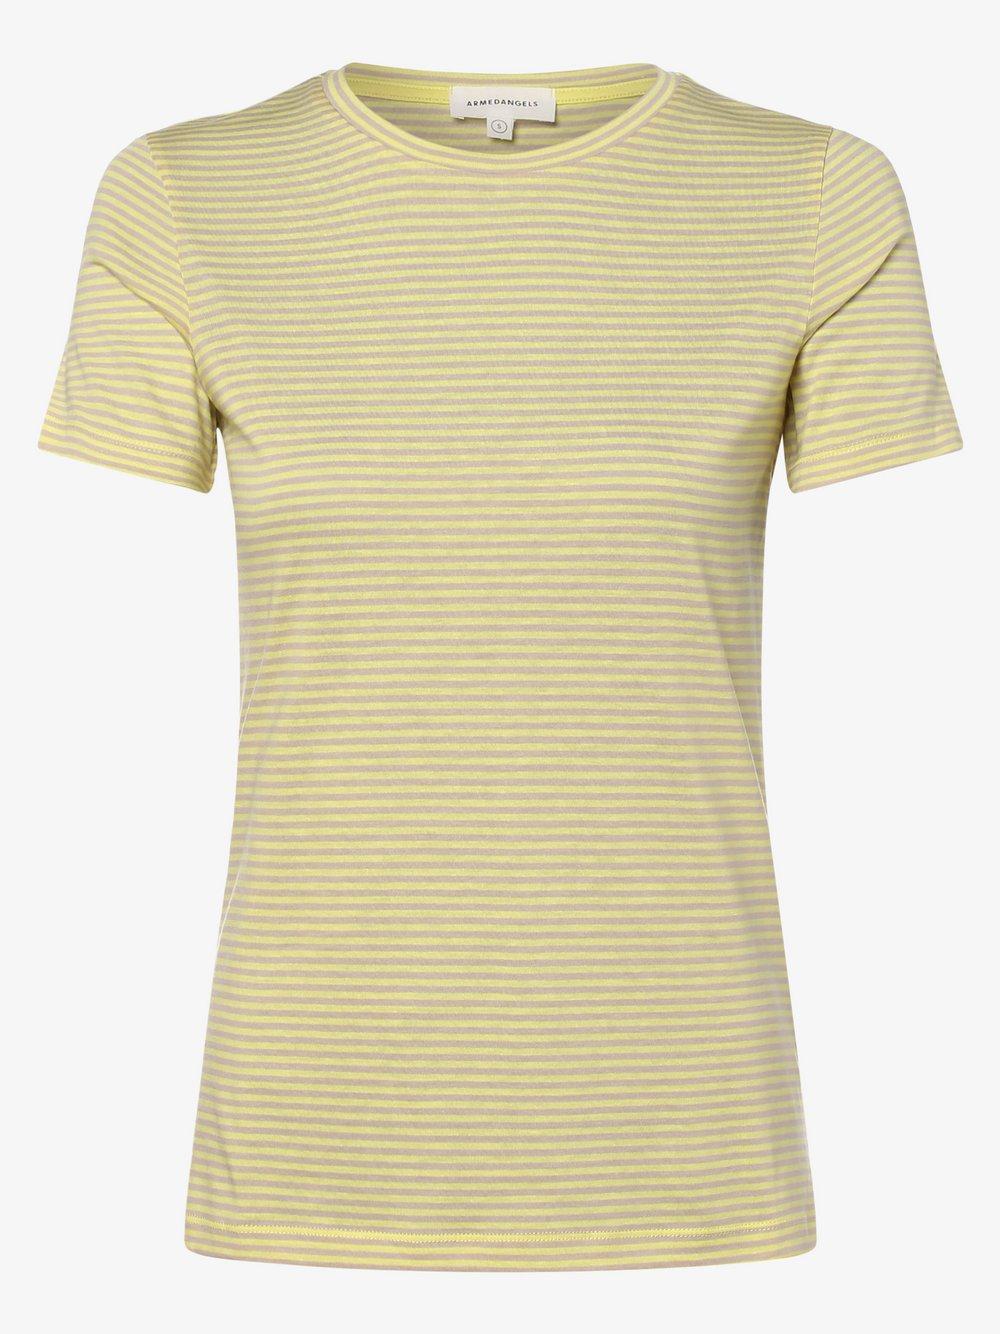 ARMEDANGELS - T-shirt damski – Lidaa, żółty